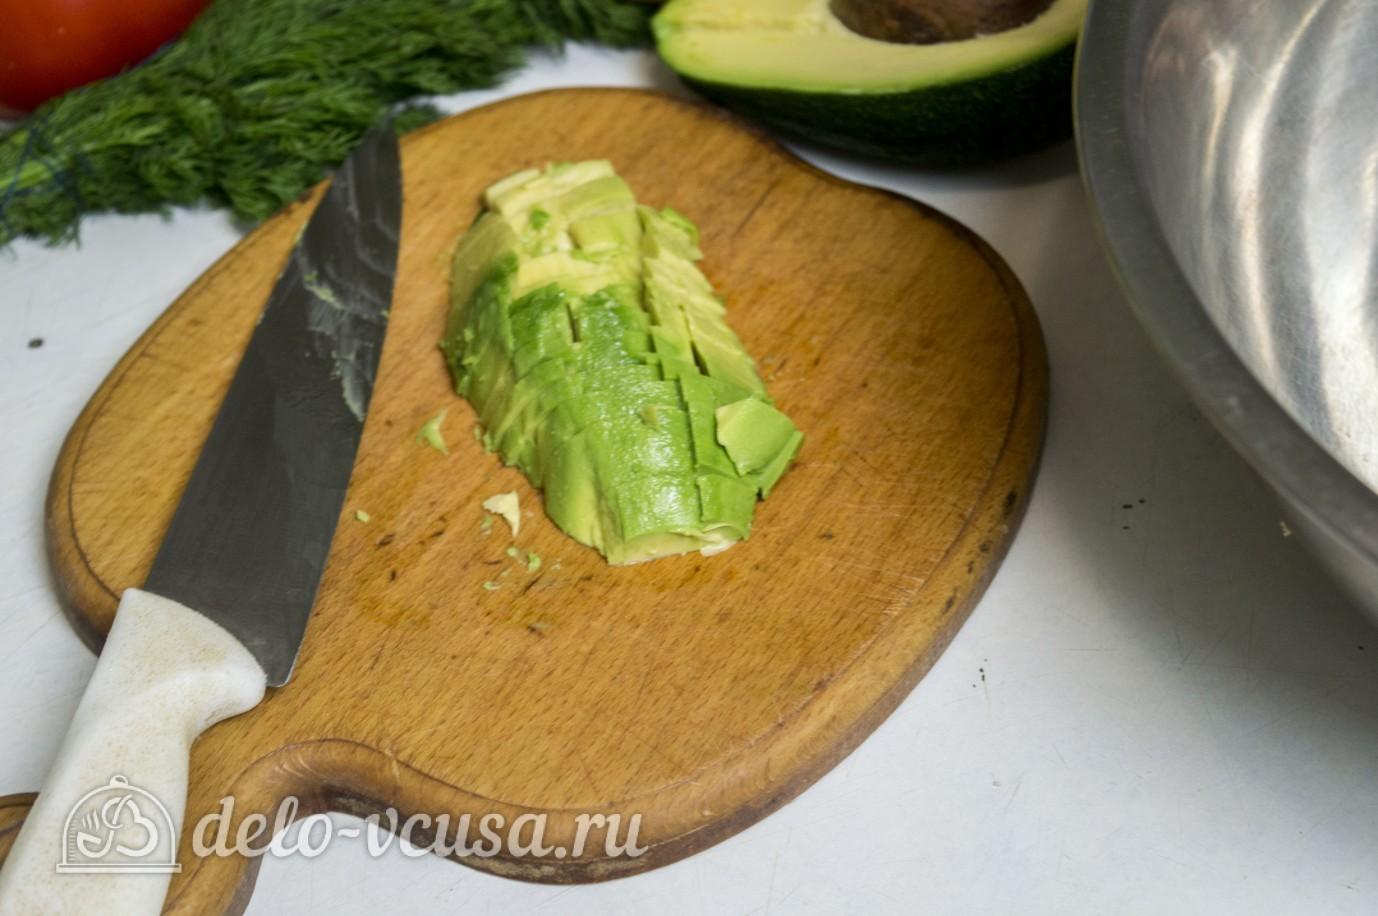 Салат с креветками и авокадо: Порезать авокадо